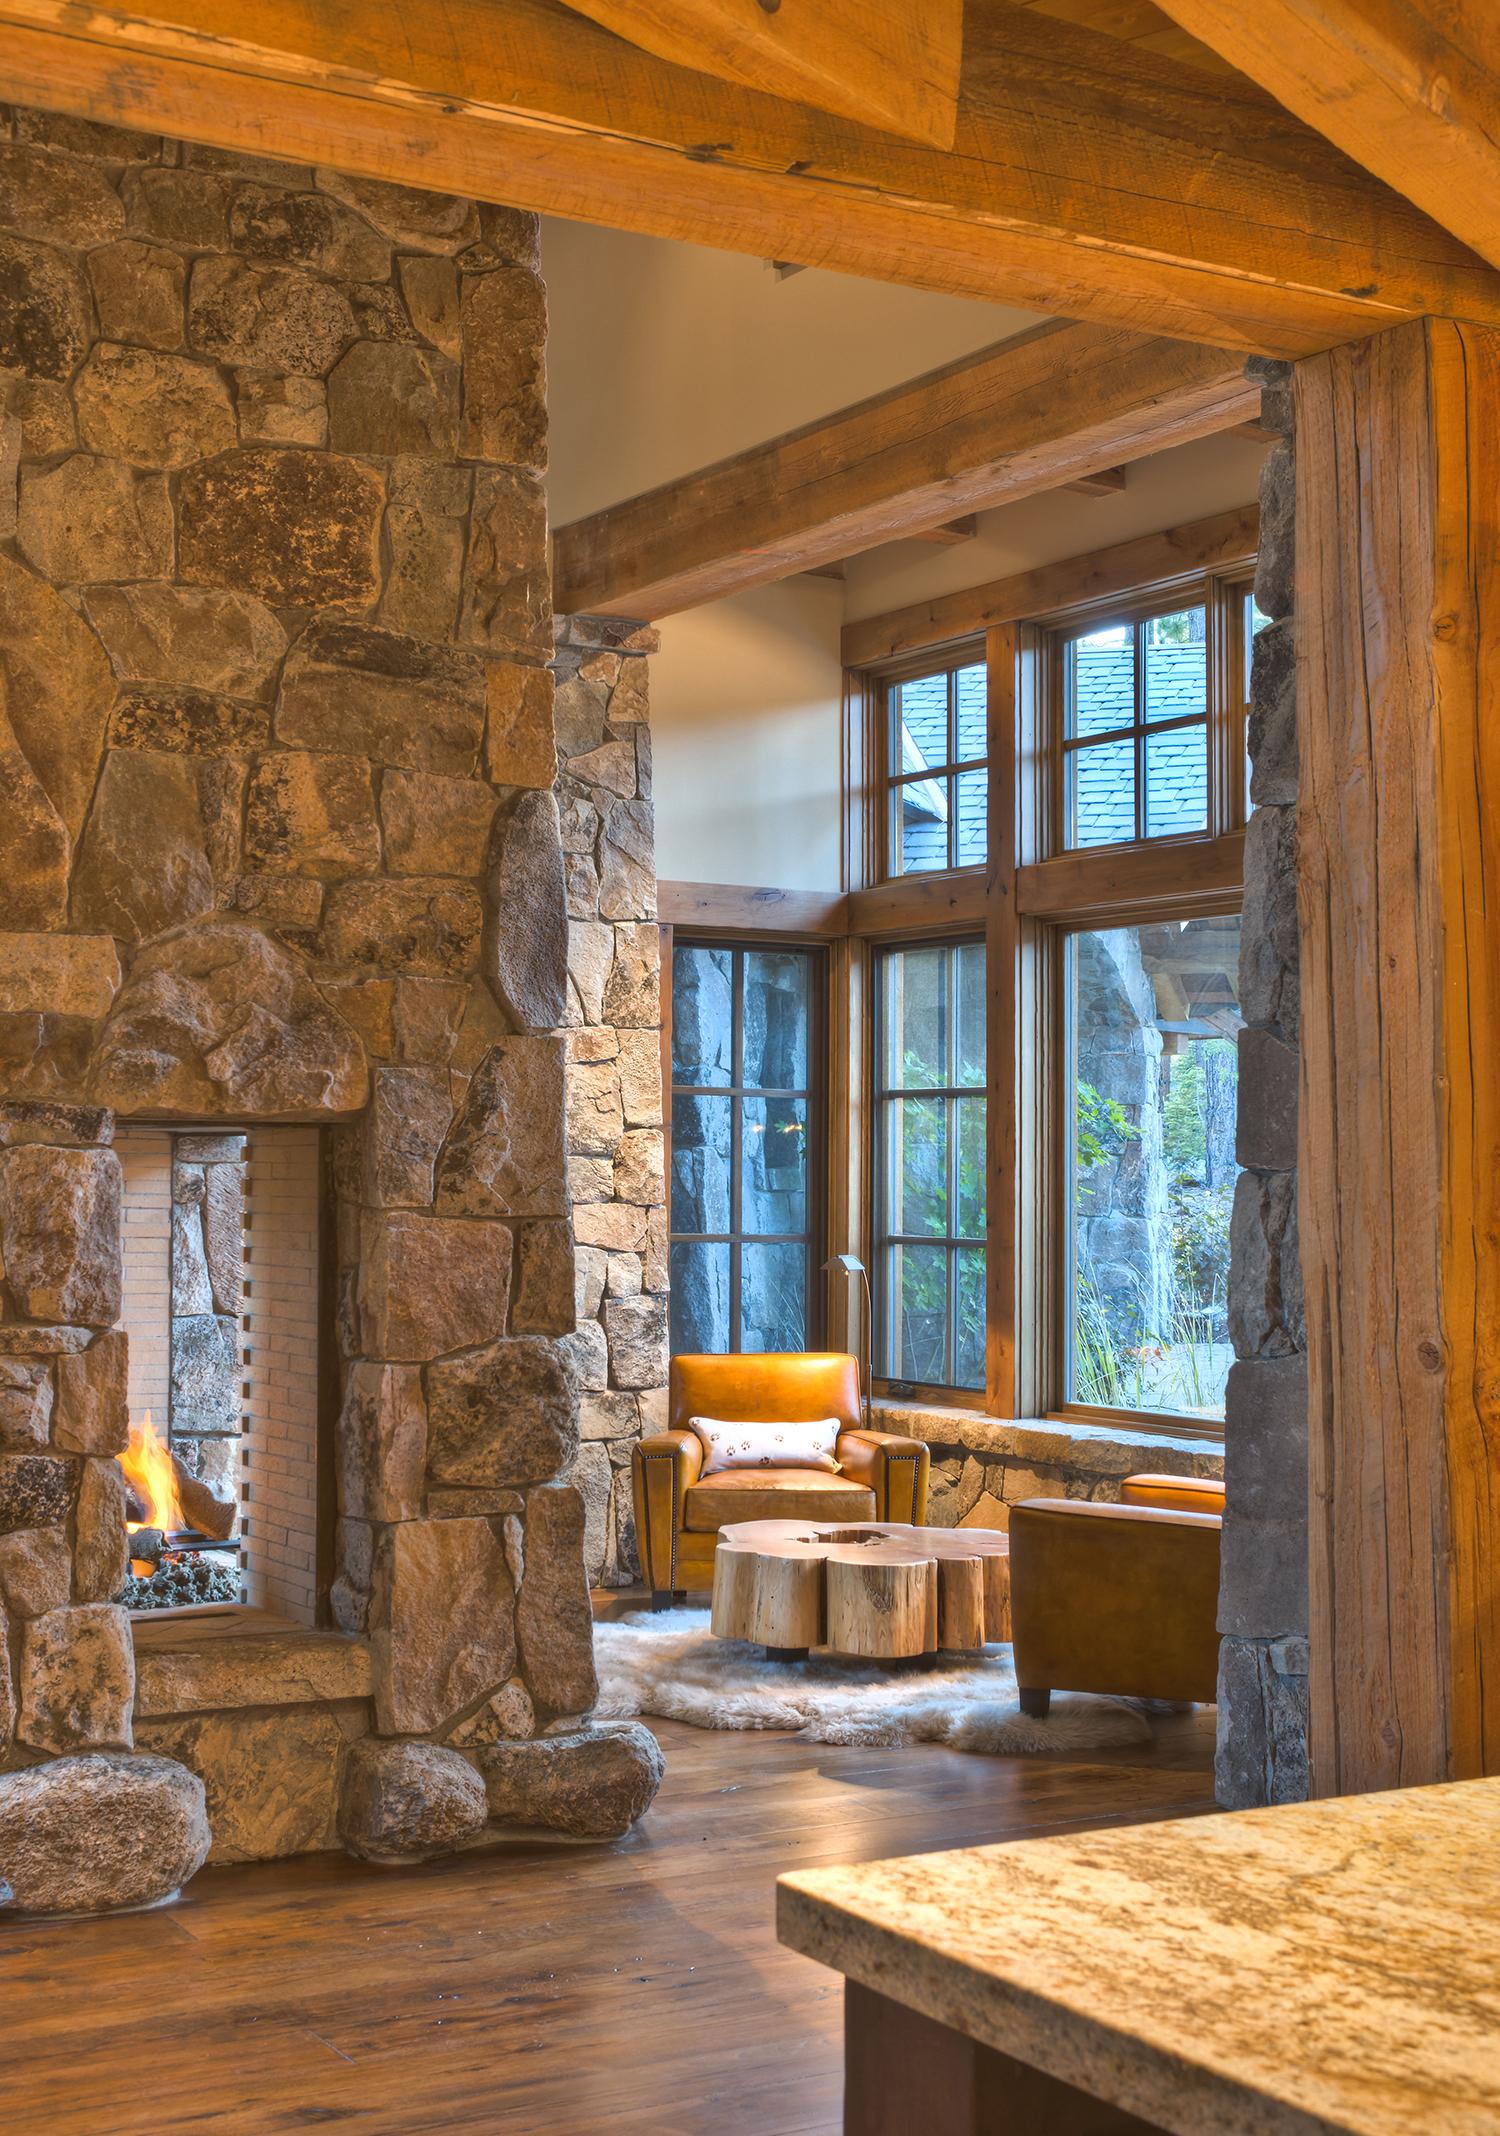 Lot 182_Detail_Wood Beams_Open Fireplace.jpg